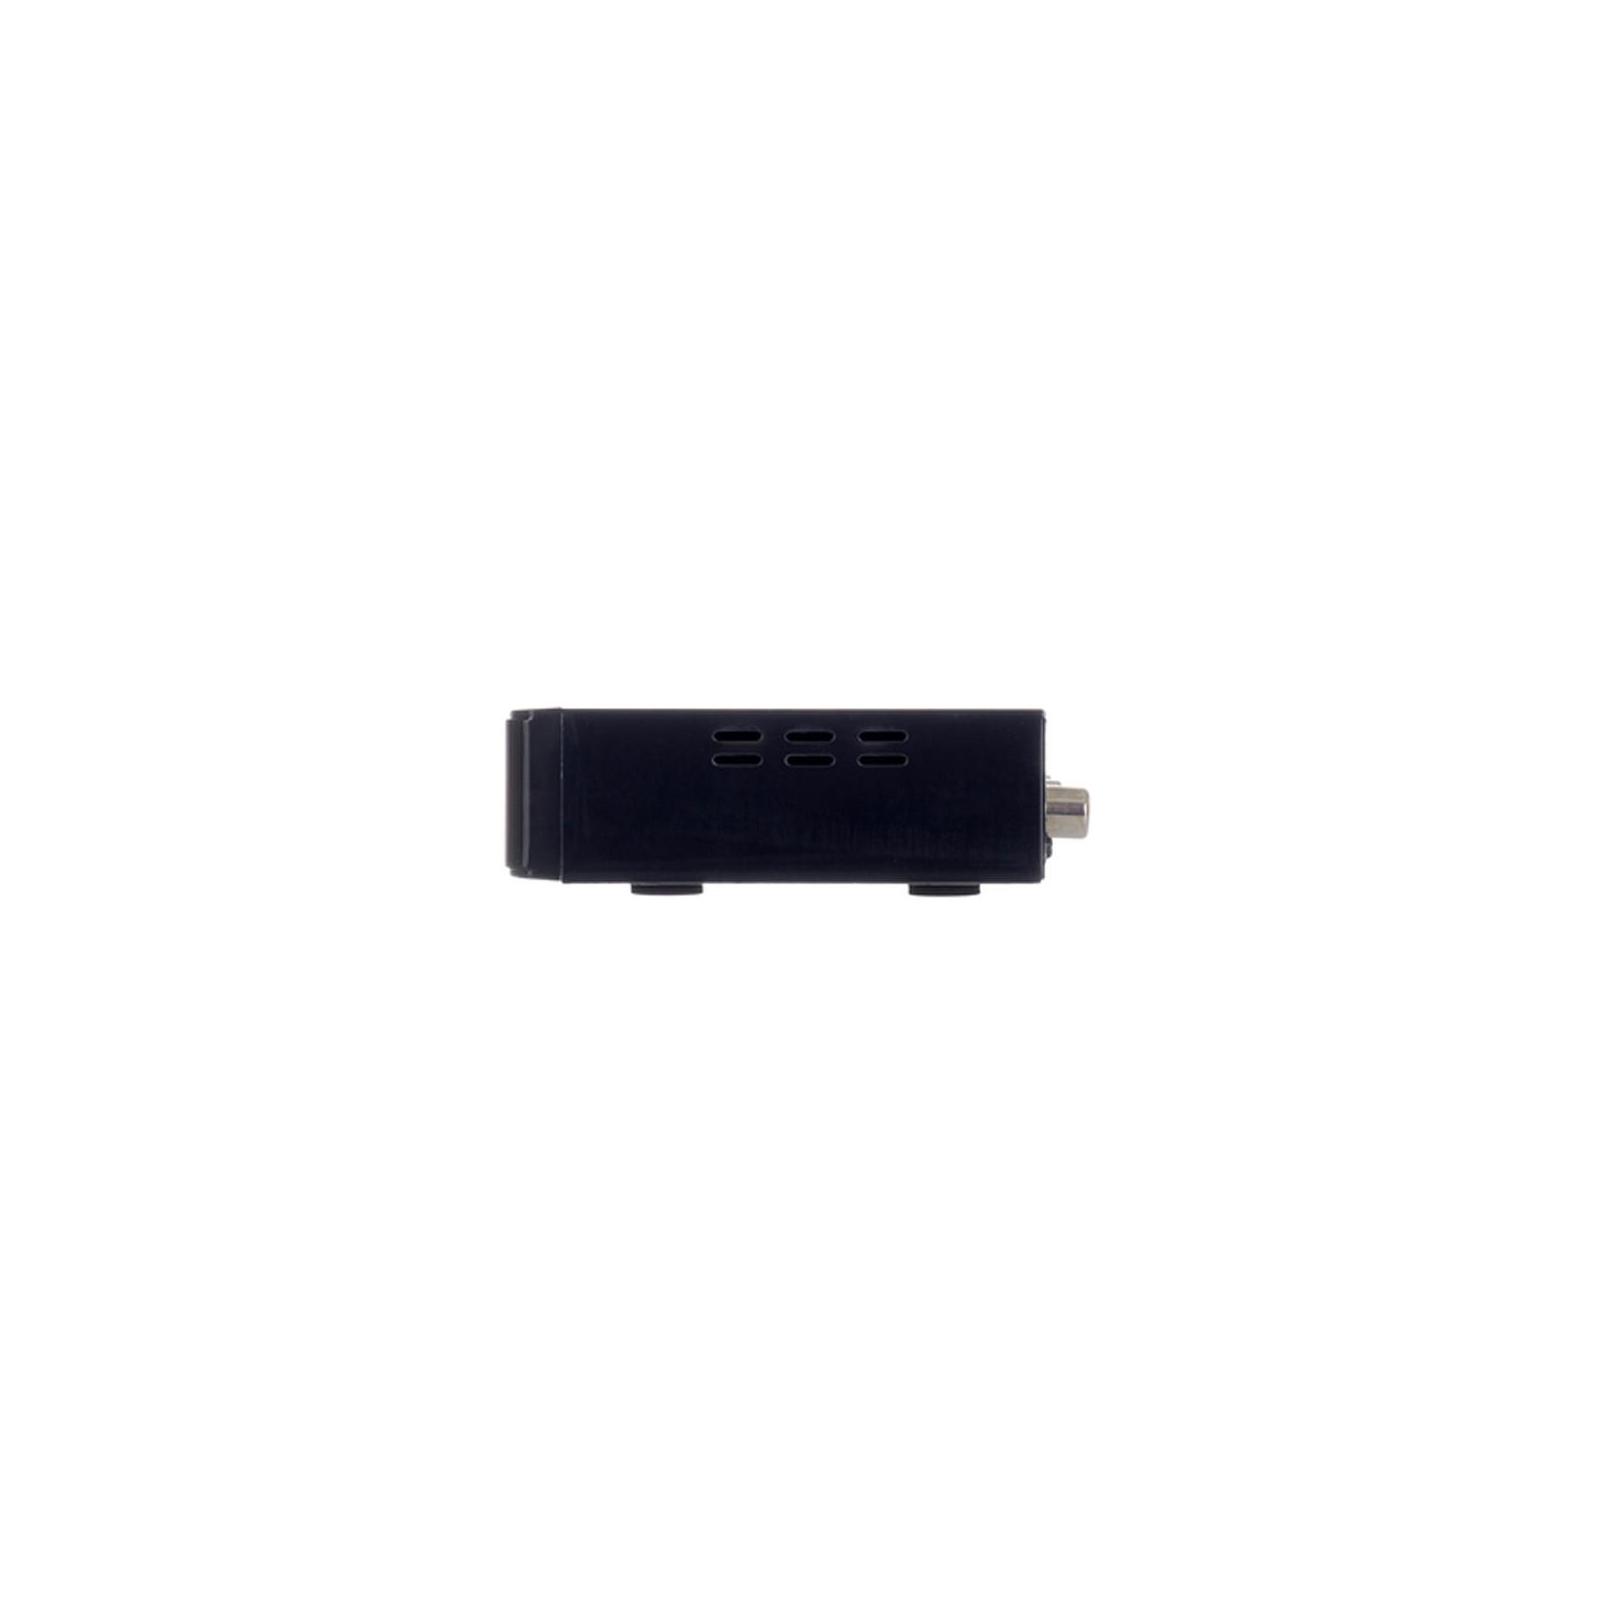 ТВ тюнер Ergo 1638 (DVB-T, DVB-T2) (STB-1638) изображение 4